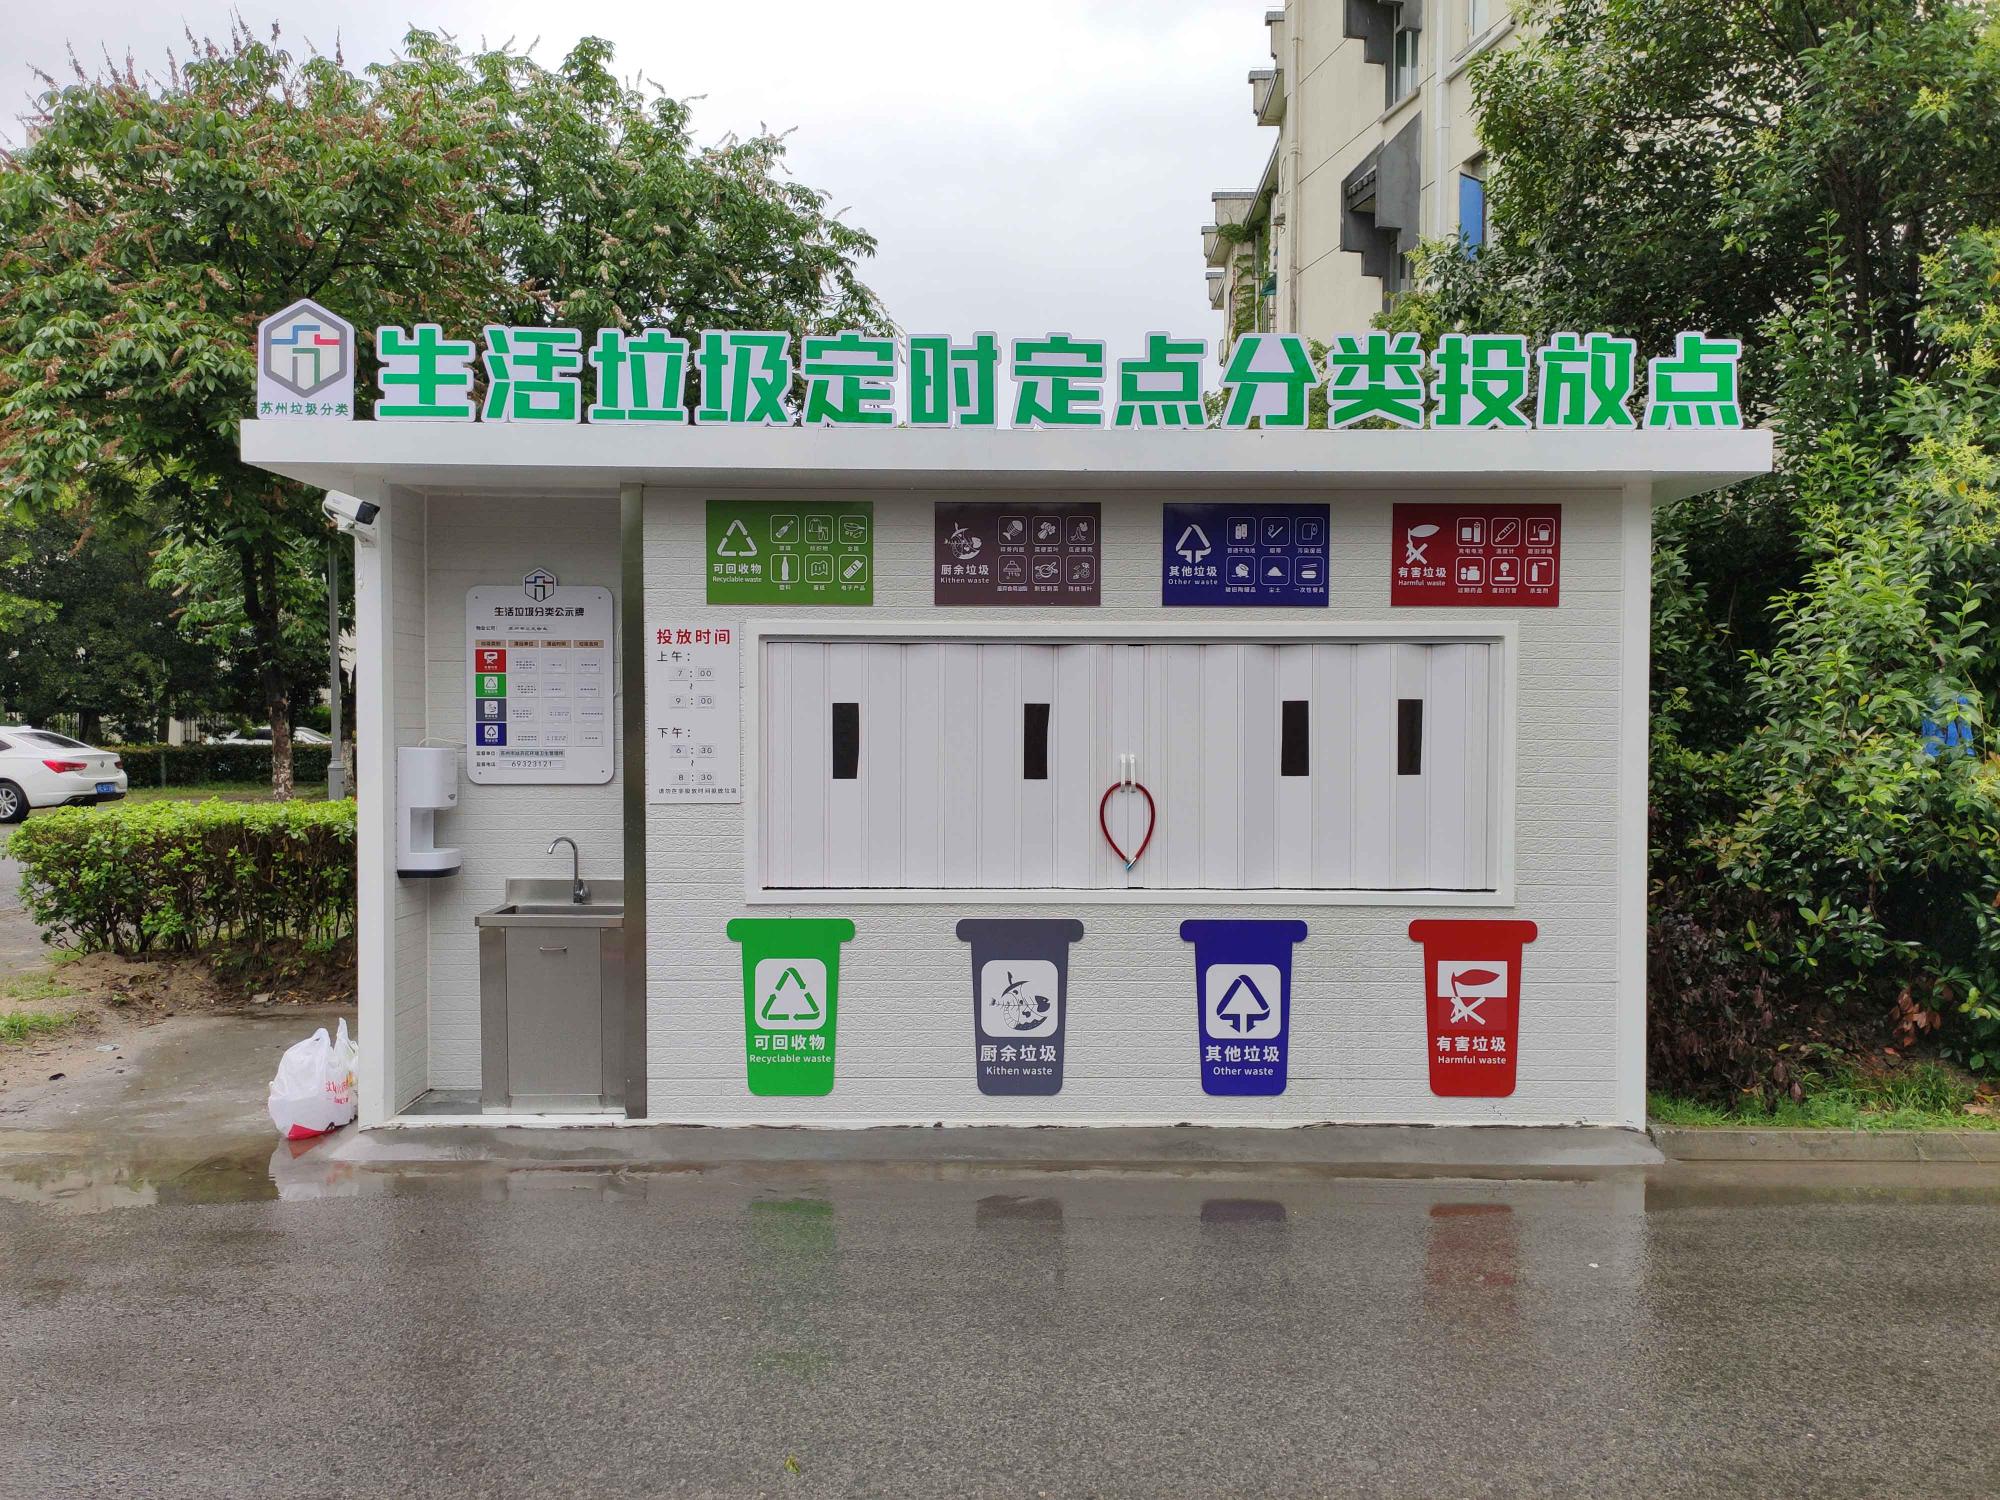 菜市場垃圾房價位 推薦咨詢 上海優萬建筑裝飾工程供應